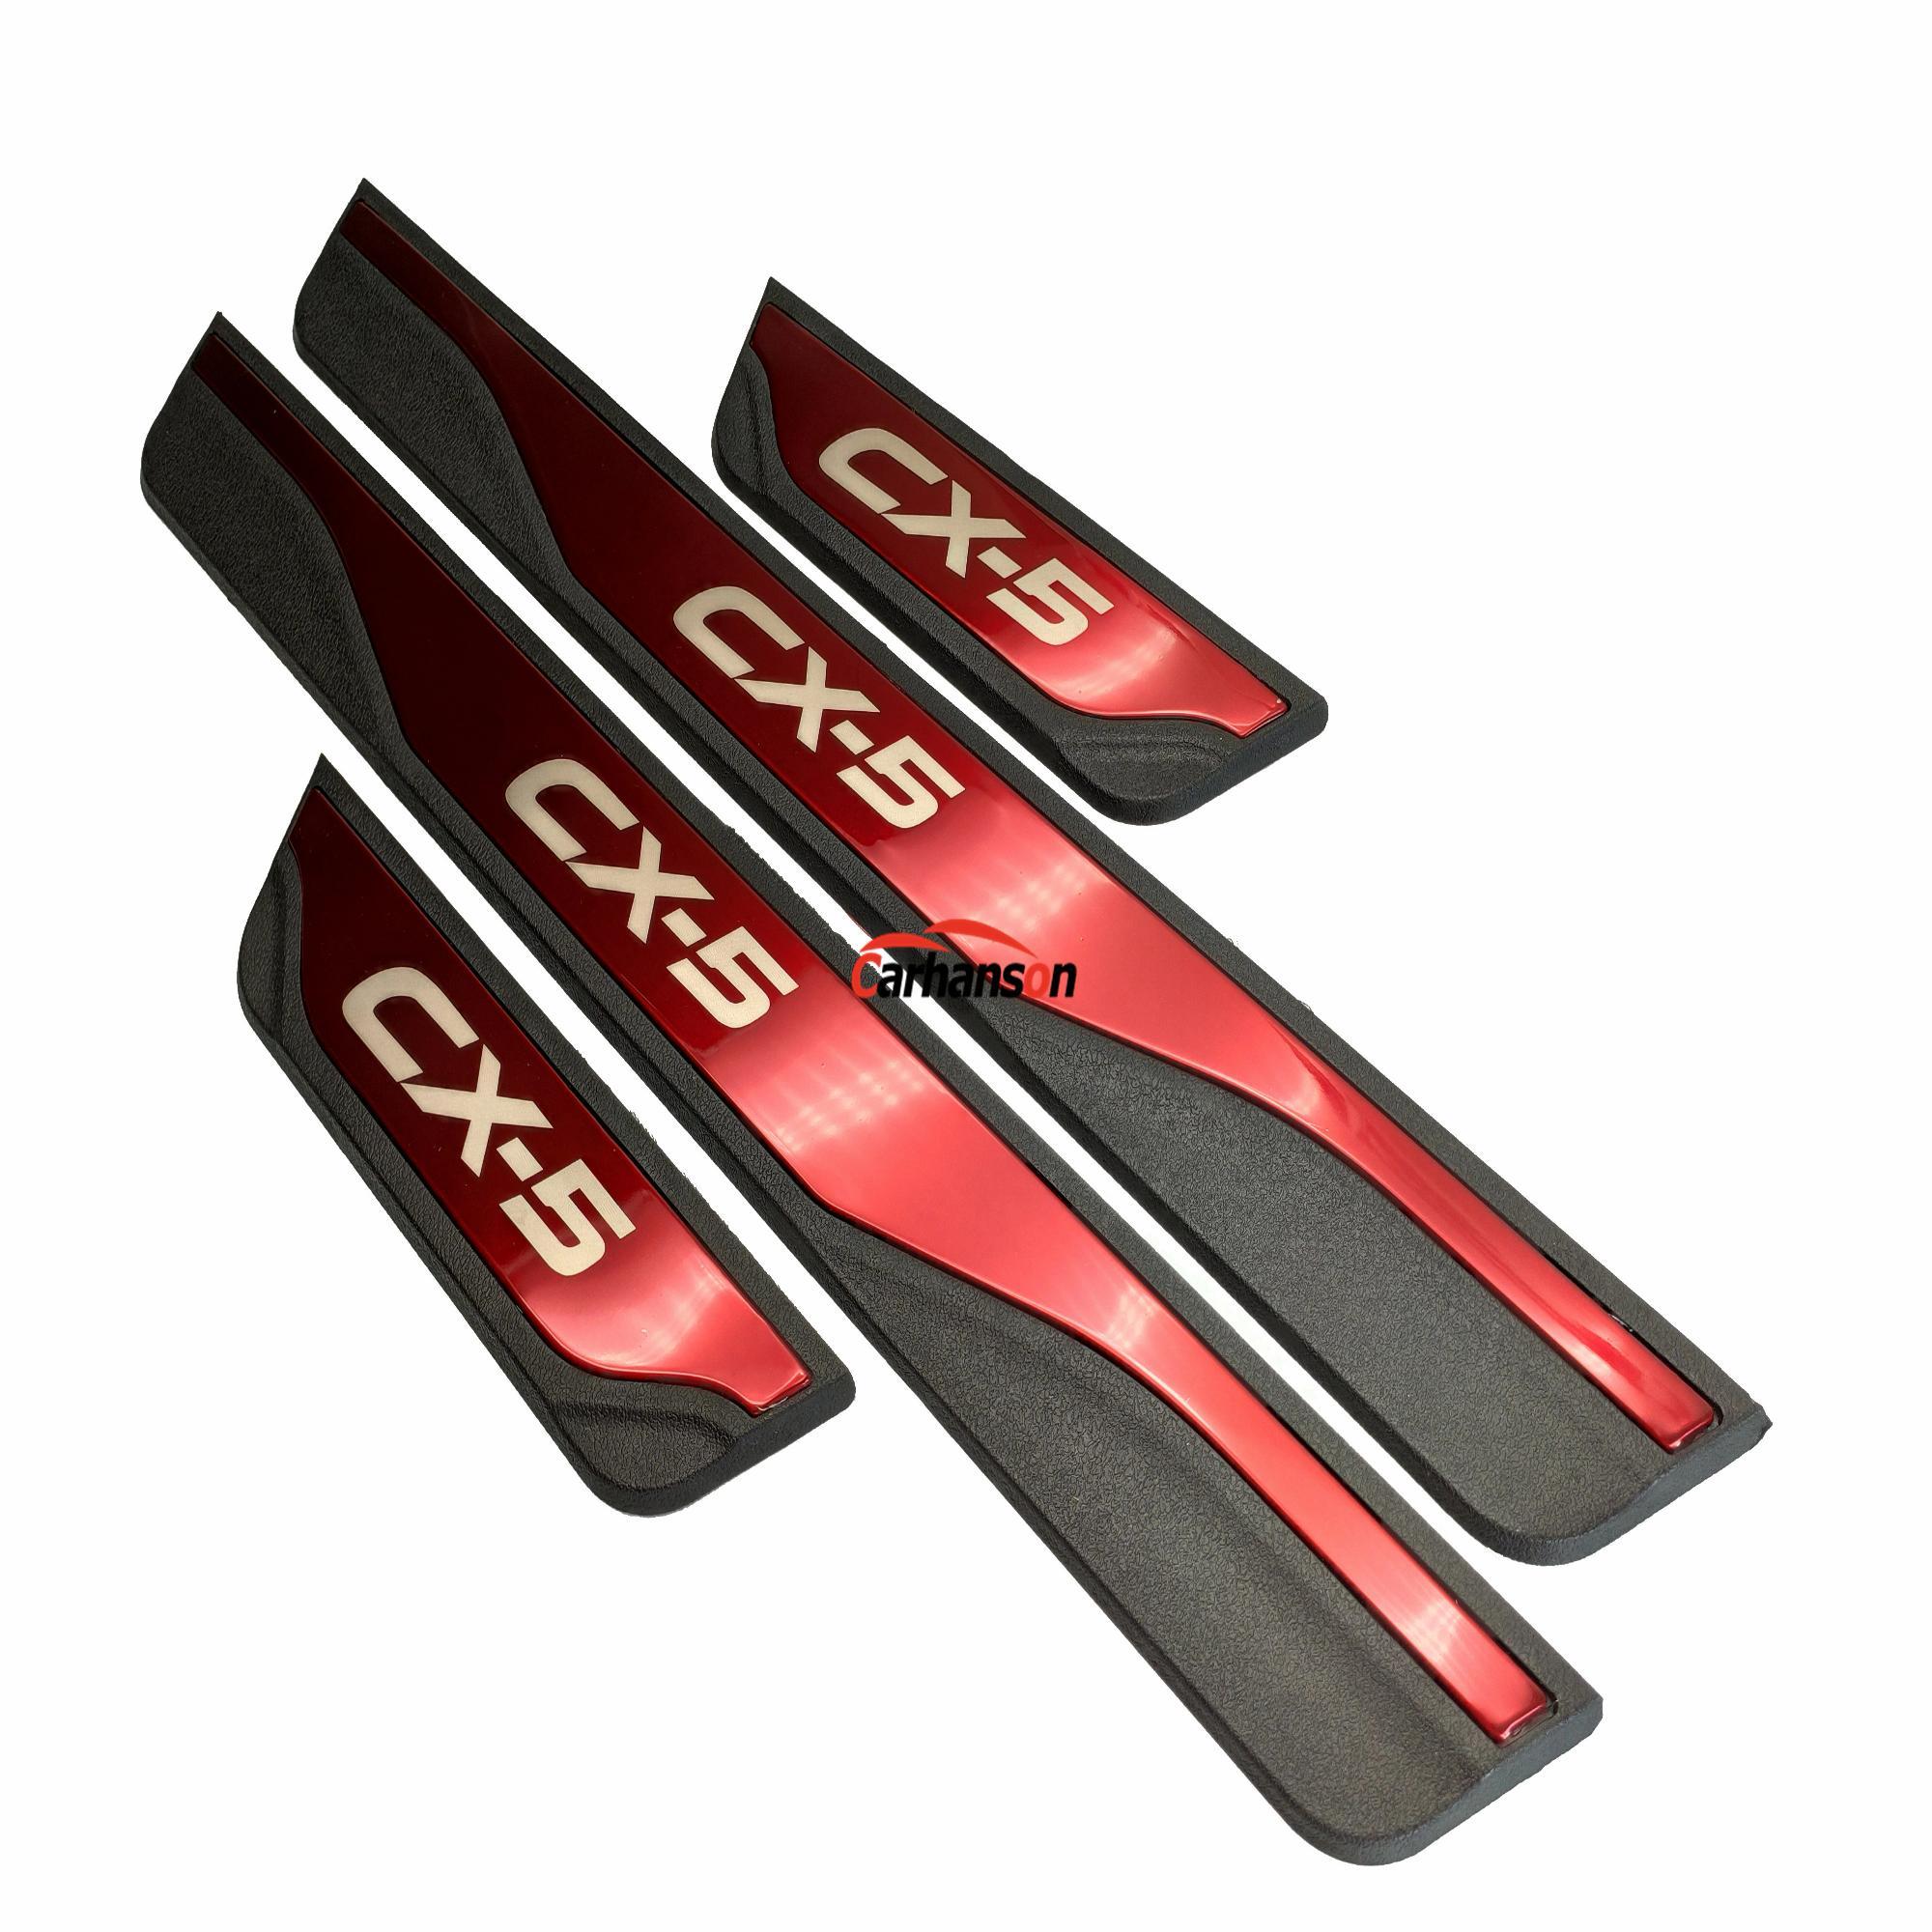 Sticker For Auto Mazda CX-5 CX 5 CX5 Door Sill Strip Accessories 2017 Pedal Cover Scuff Plate Guard Protectors Car Styling 2019